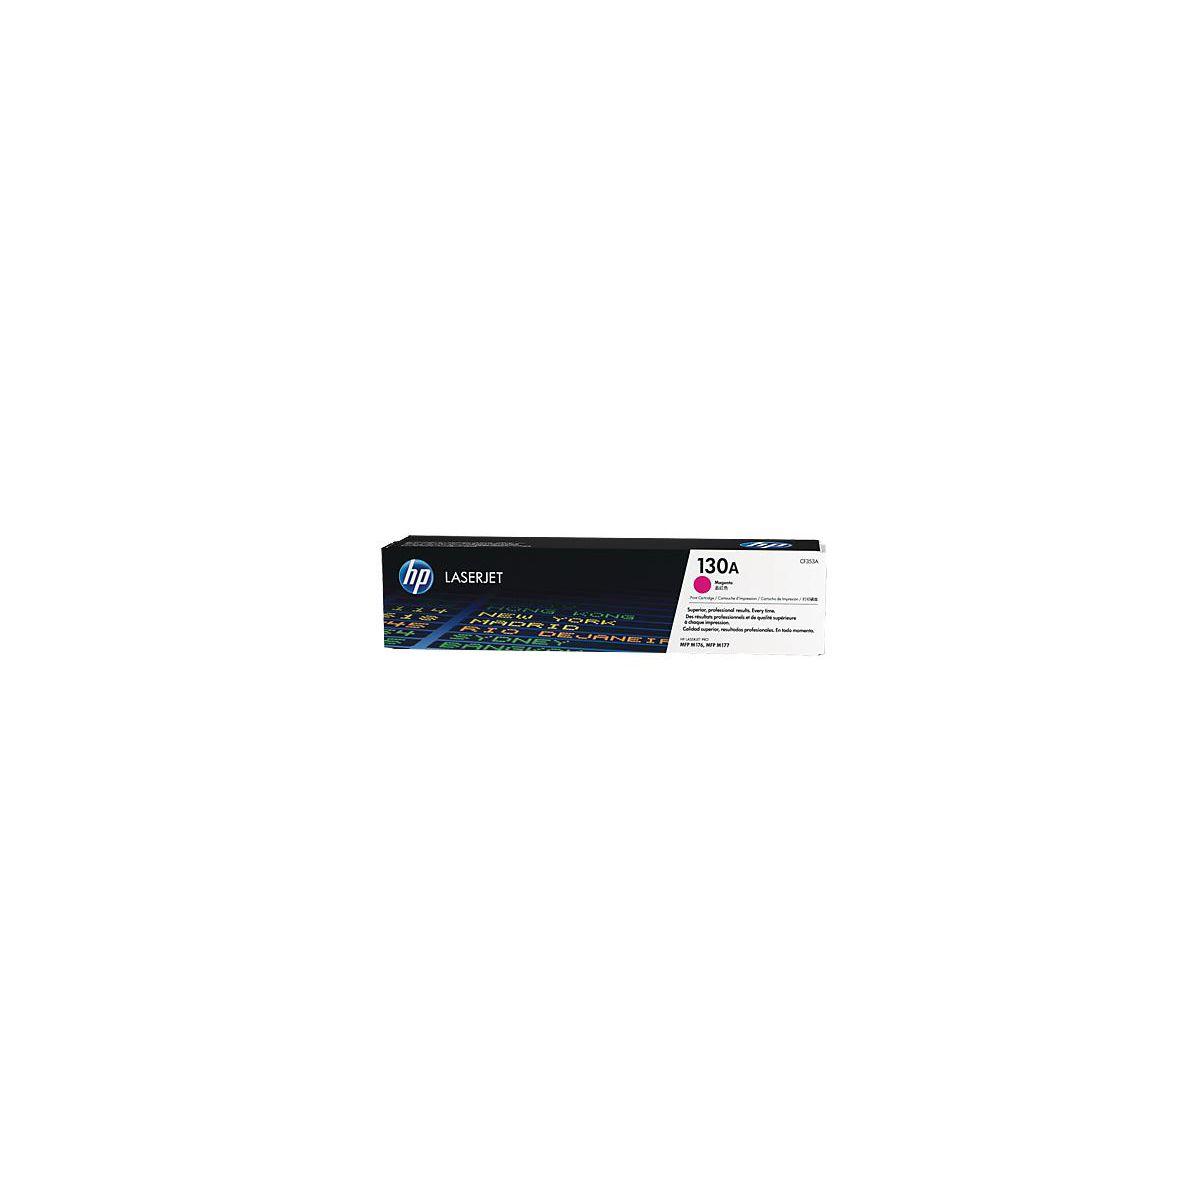 Toner hp 130a magenta - 2% de remise imm�diate avec le code : fete2